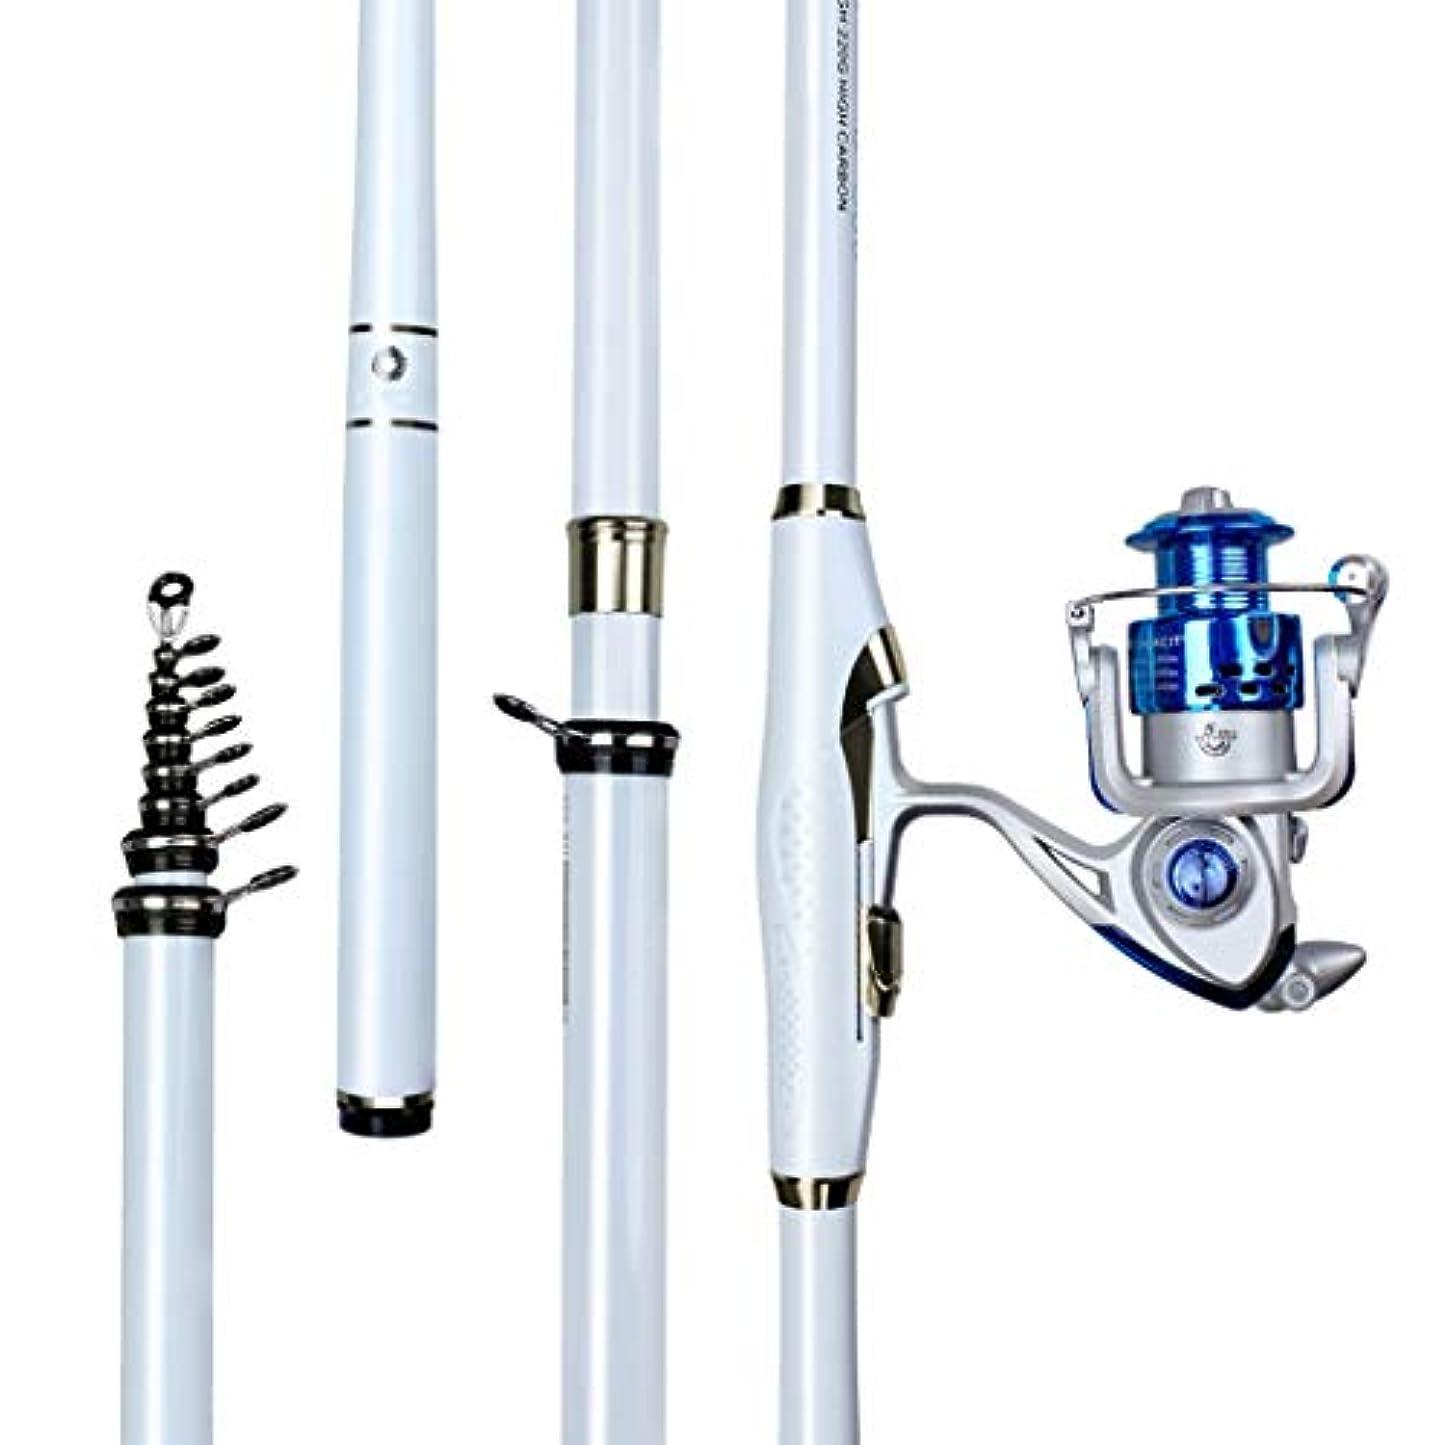 女王衛星喉が渇いた釣り竿 - 超軽量スーパーハードカーボン釣りリールメタルガイドリング引き込み式淡水海釣りギア (サイズ さいず : 4.5m)